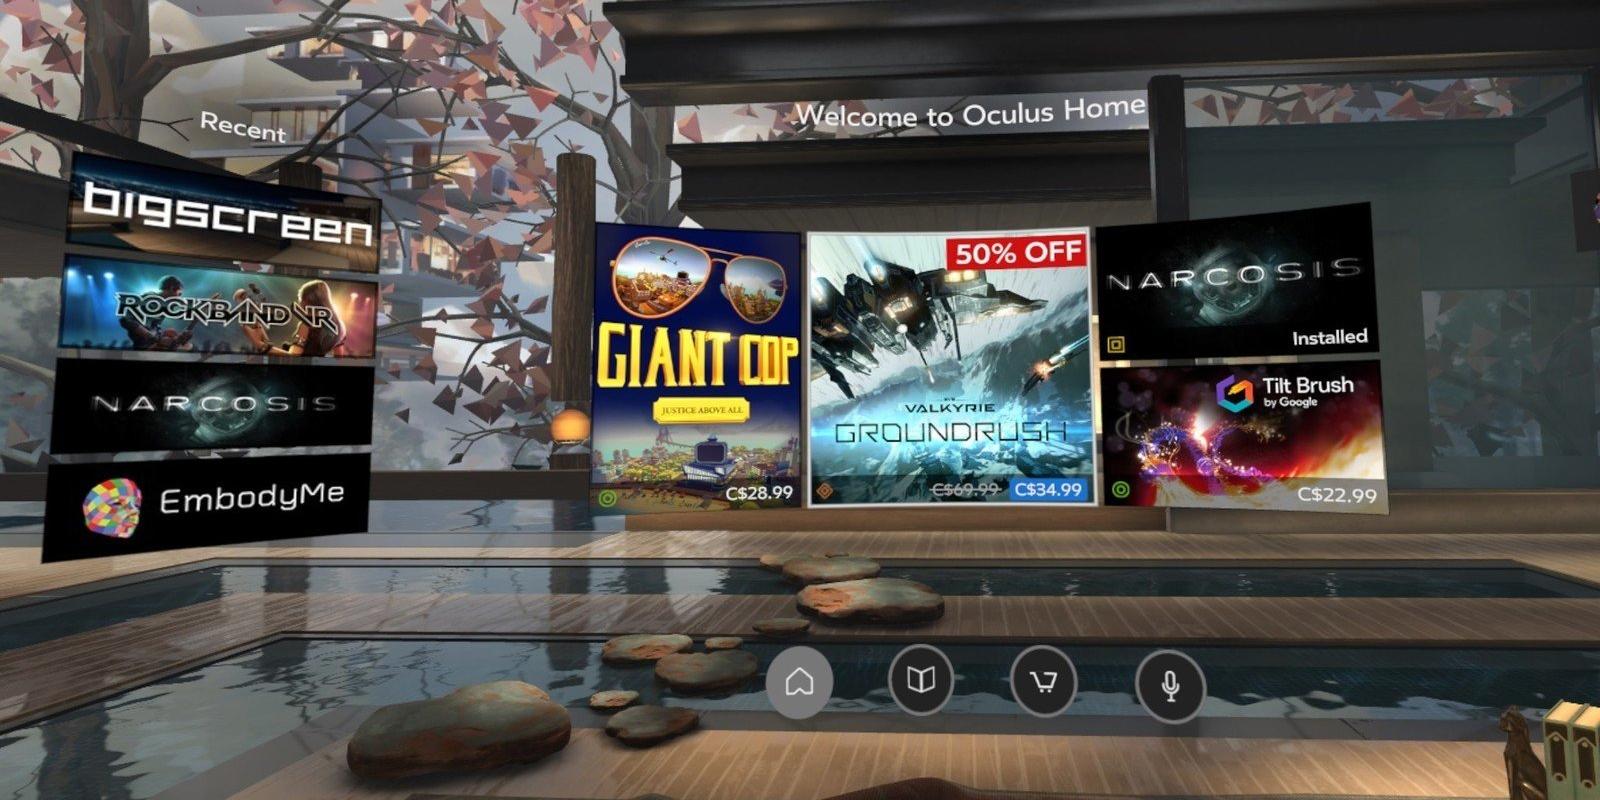 скидки на игры виртуальной реальности в oculus store